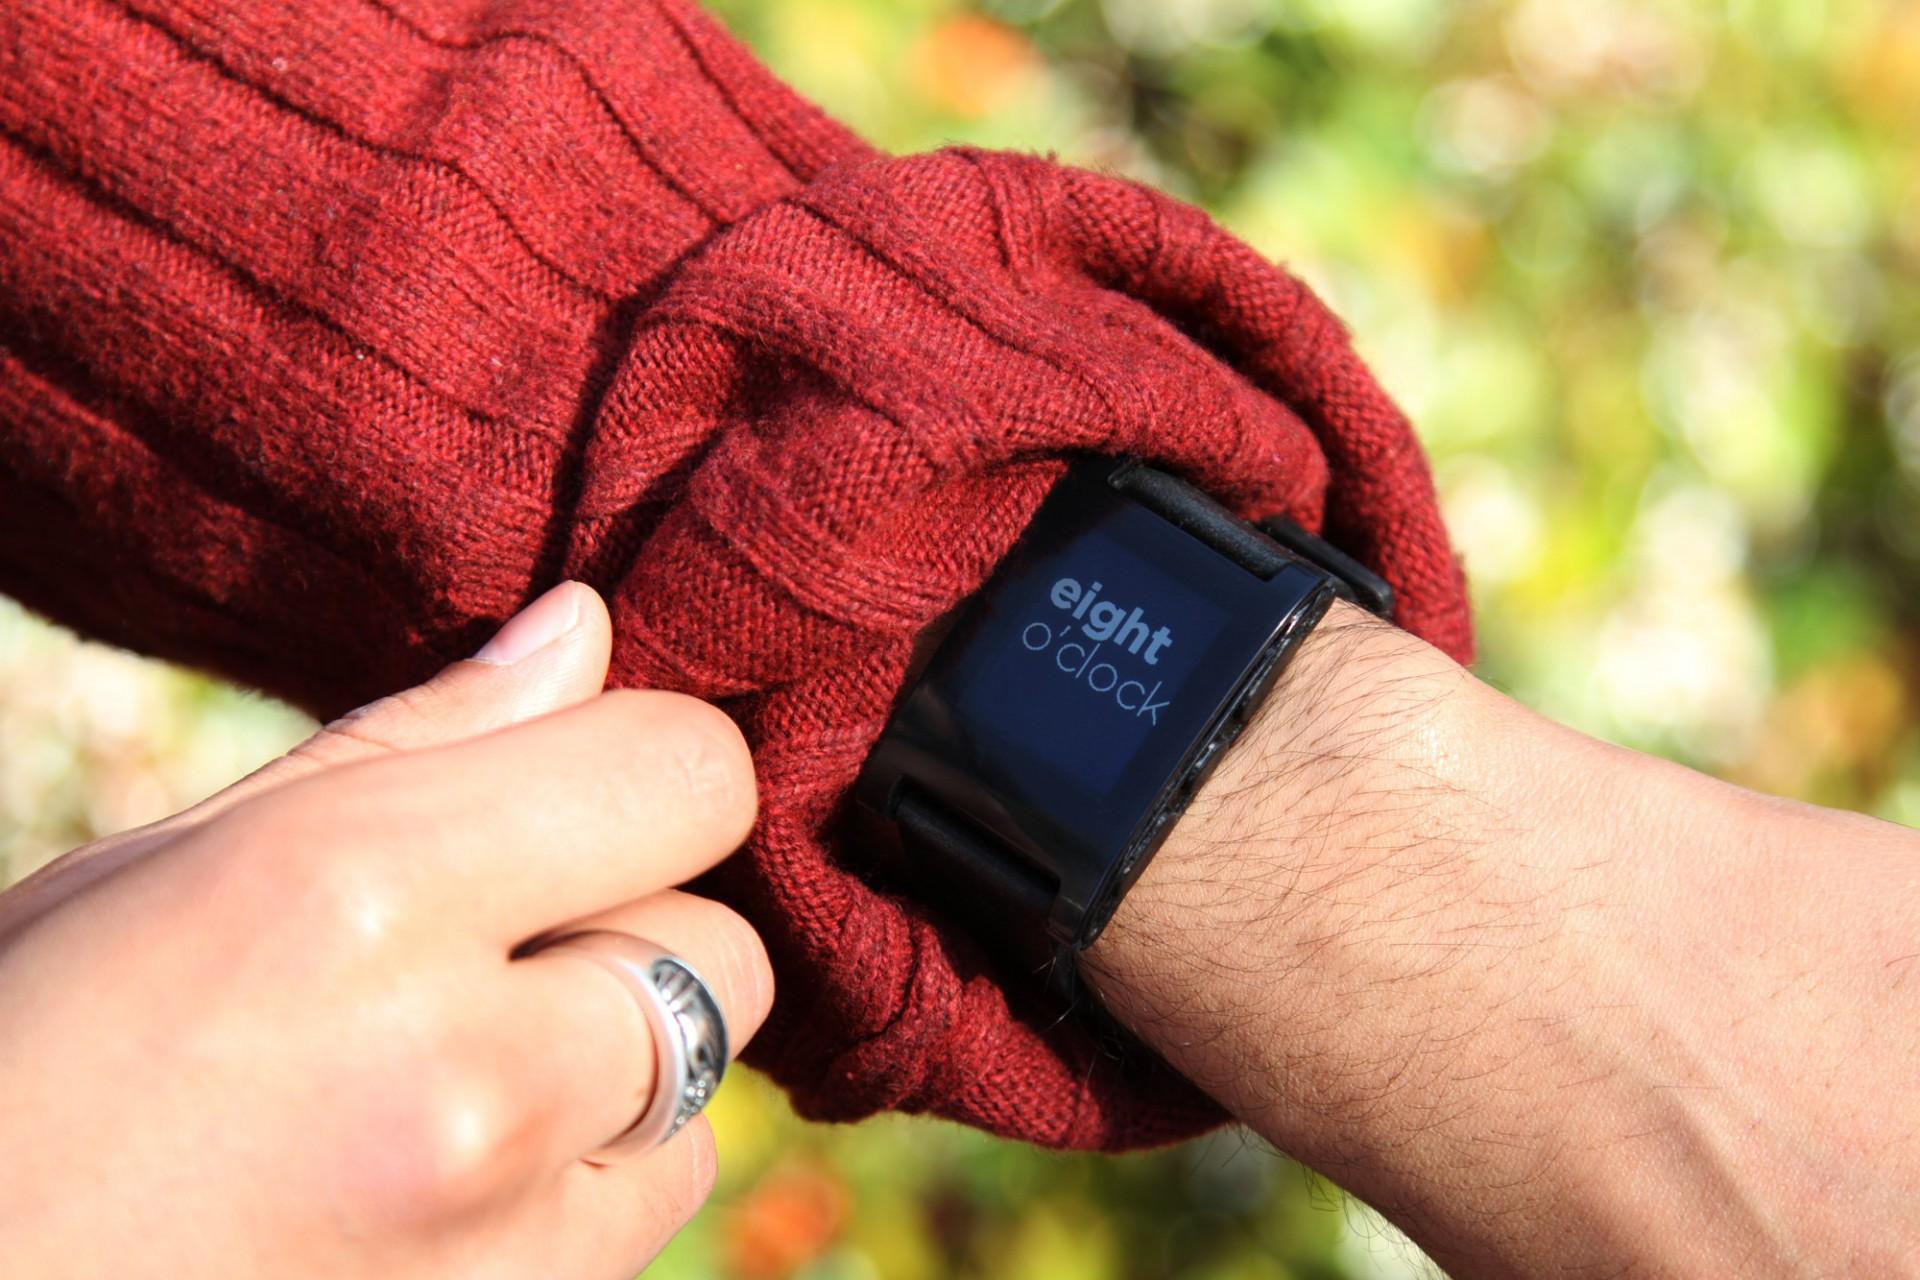 Pebble Smartwatch: E-Paper-Armbanduhr schlägt alle Rekorde auf Kickstarter - Pebble Smartwatch - kann die Uhrzeit auch in Worten mitteilen. (Bild: Pebble)